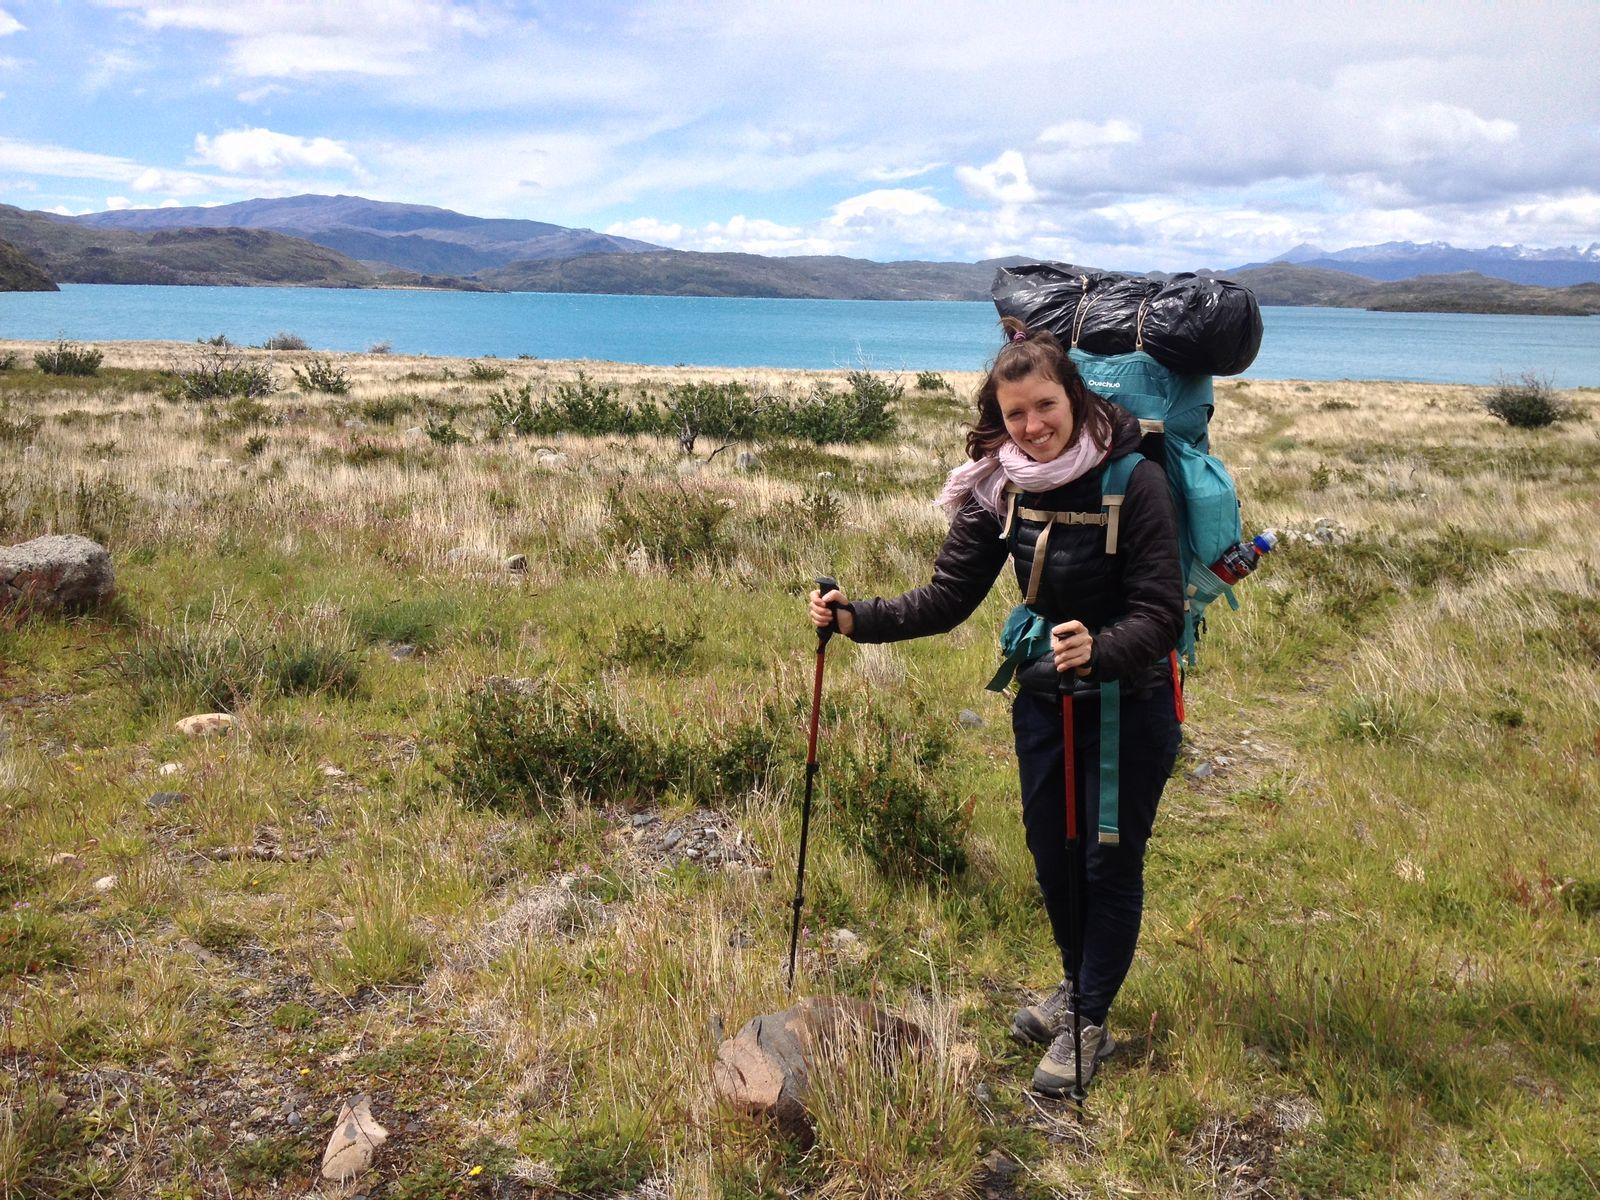 le sud de la patagonie chilienne ze trek c 39 est arriv loin de chez nous. Black Bedroom Furniture Sets. Home Design Ideas